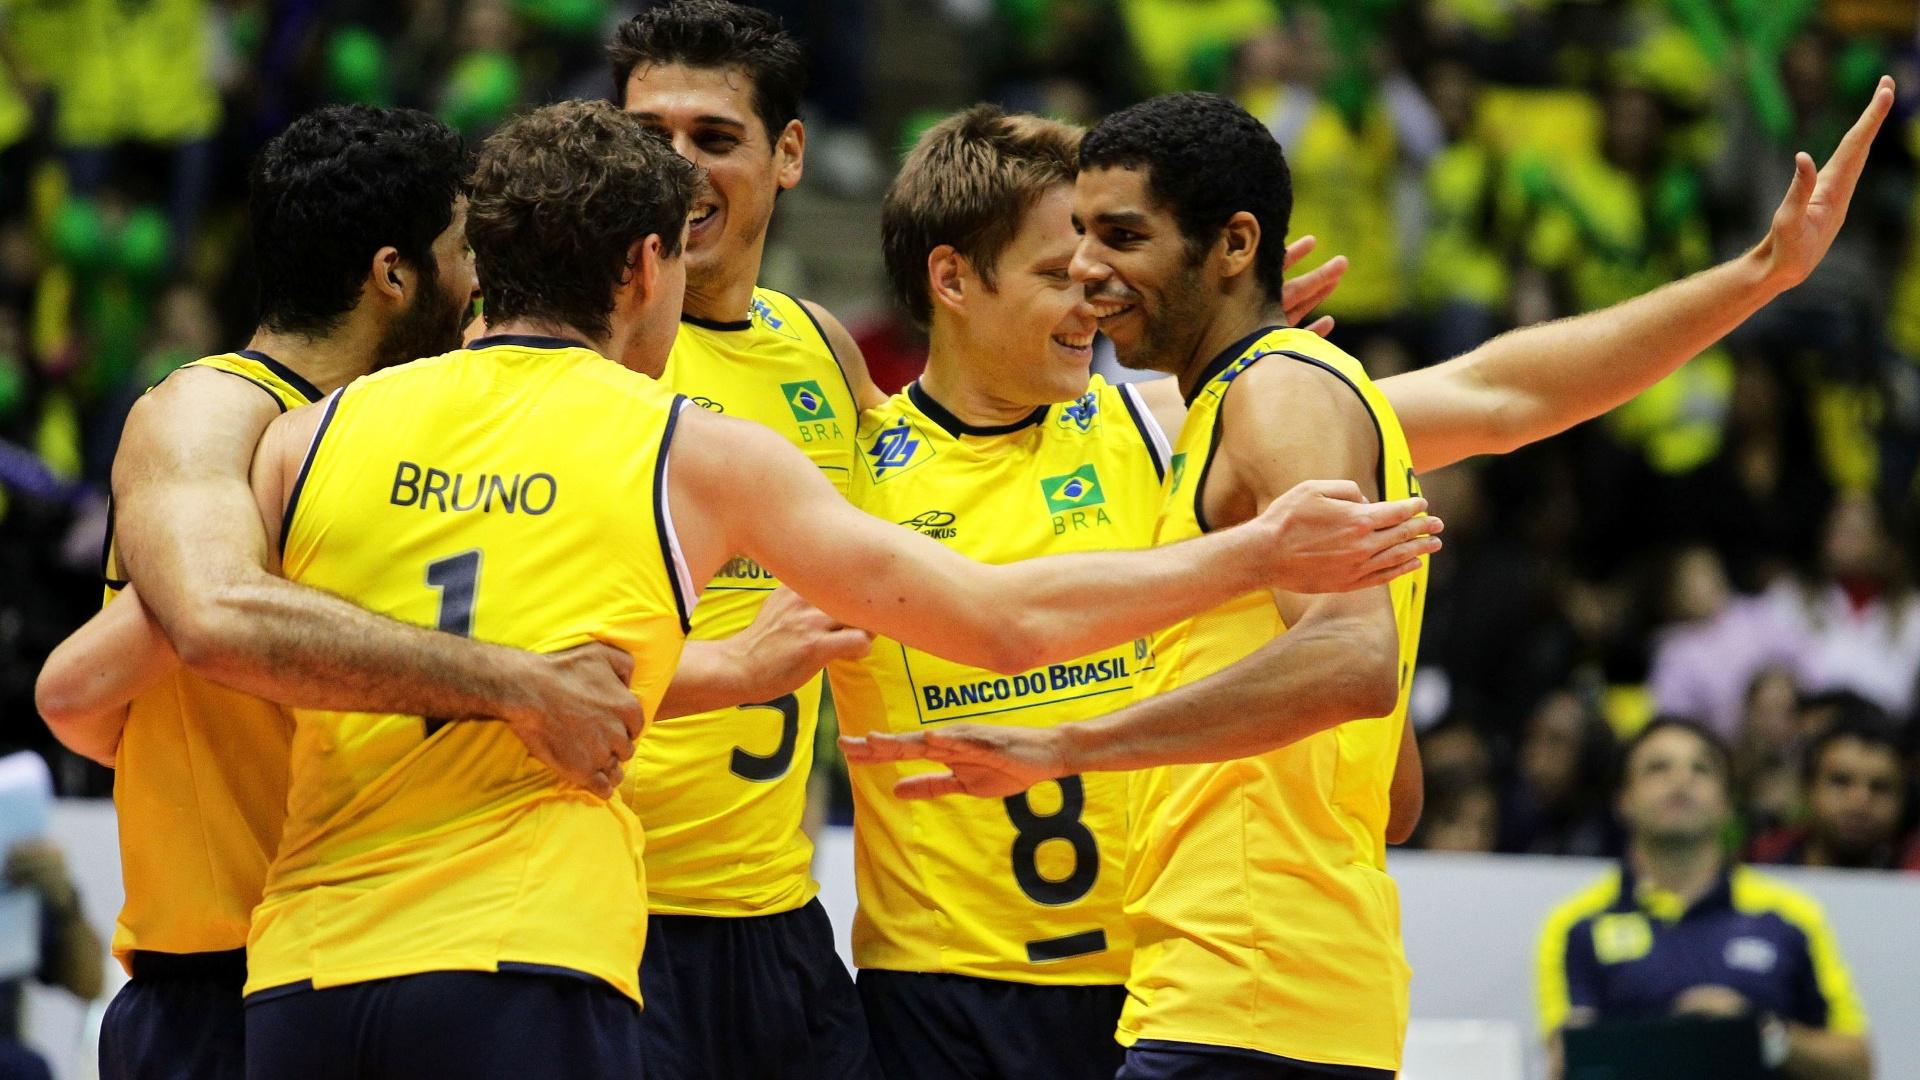 Brasileiros comemoram ponto durante a vitória brasileira sobre a Polônia por 3 a 1